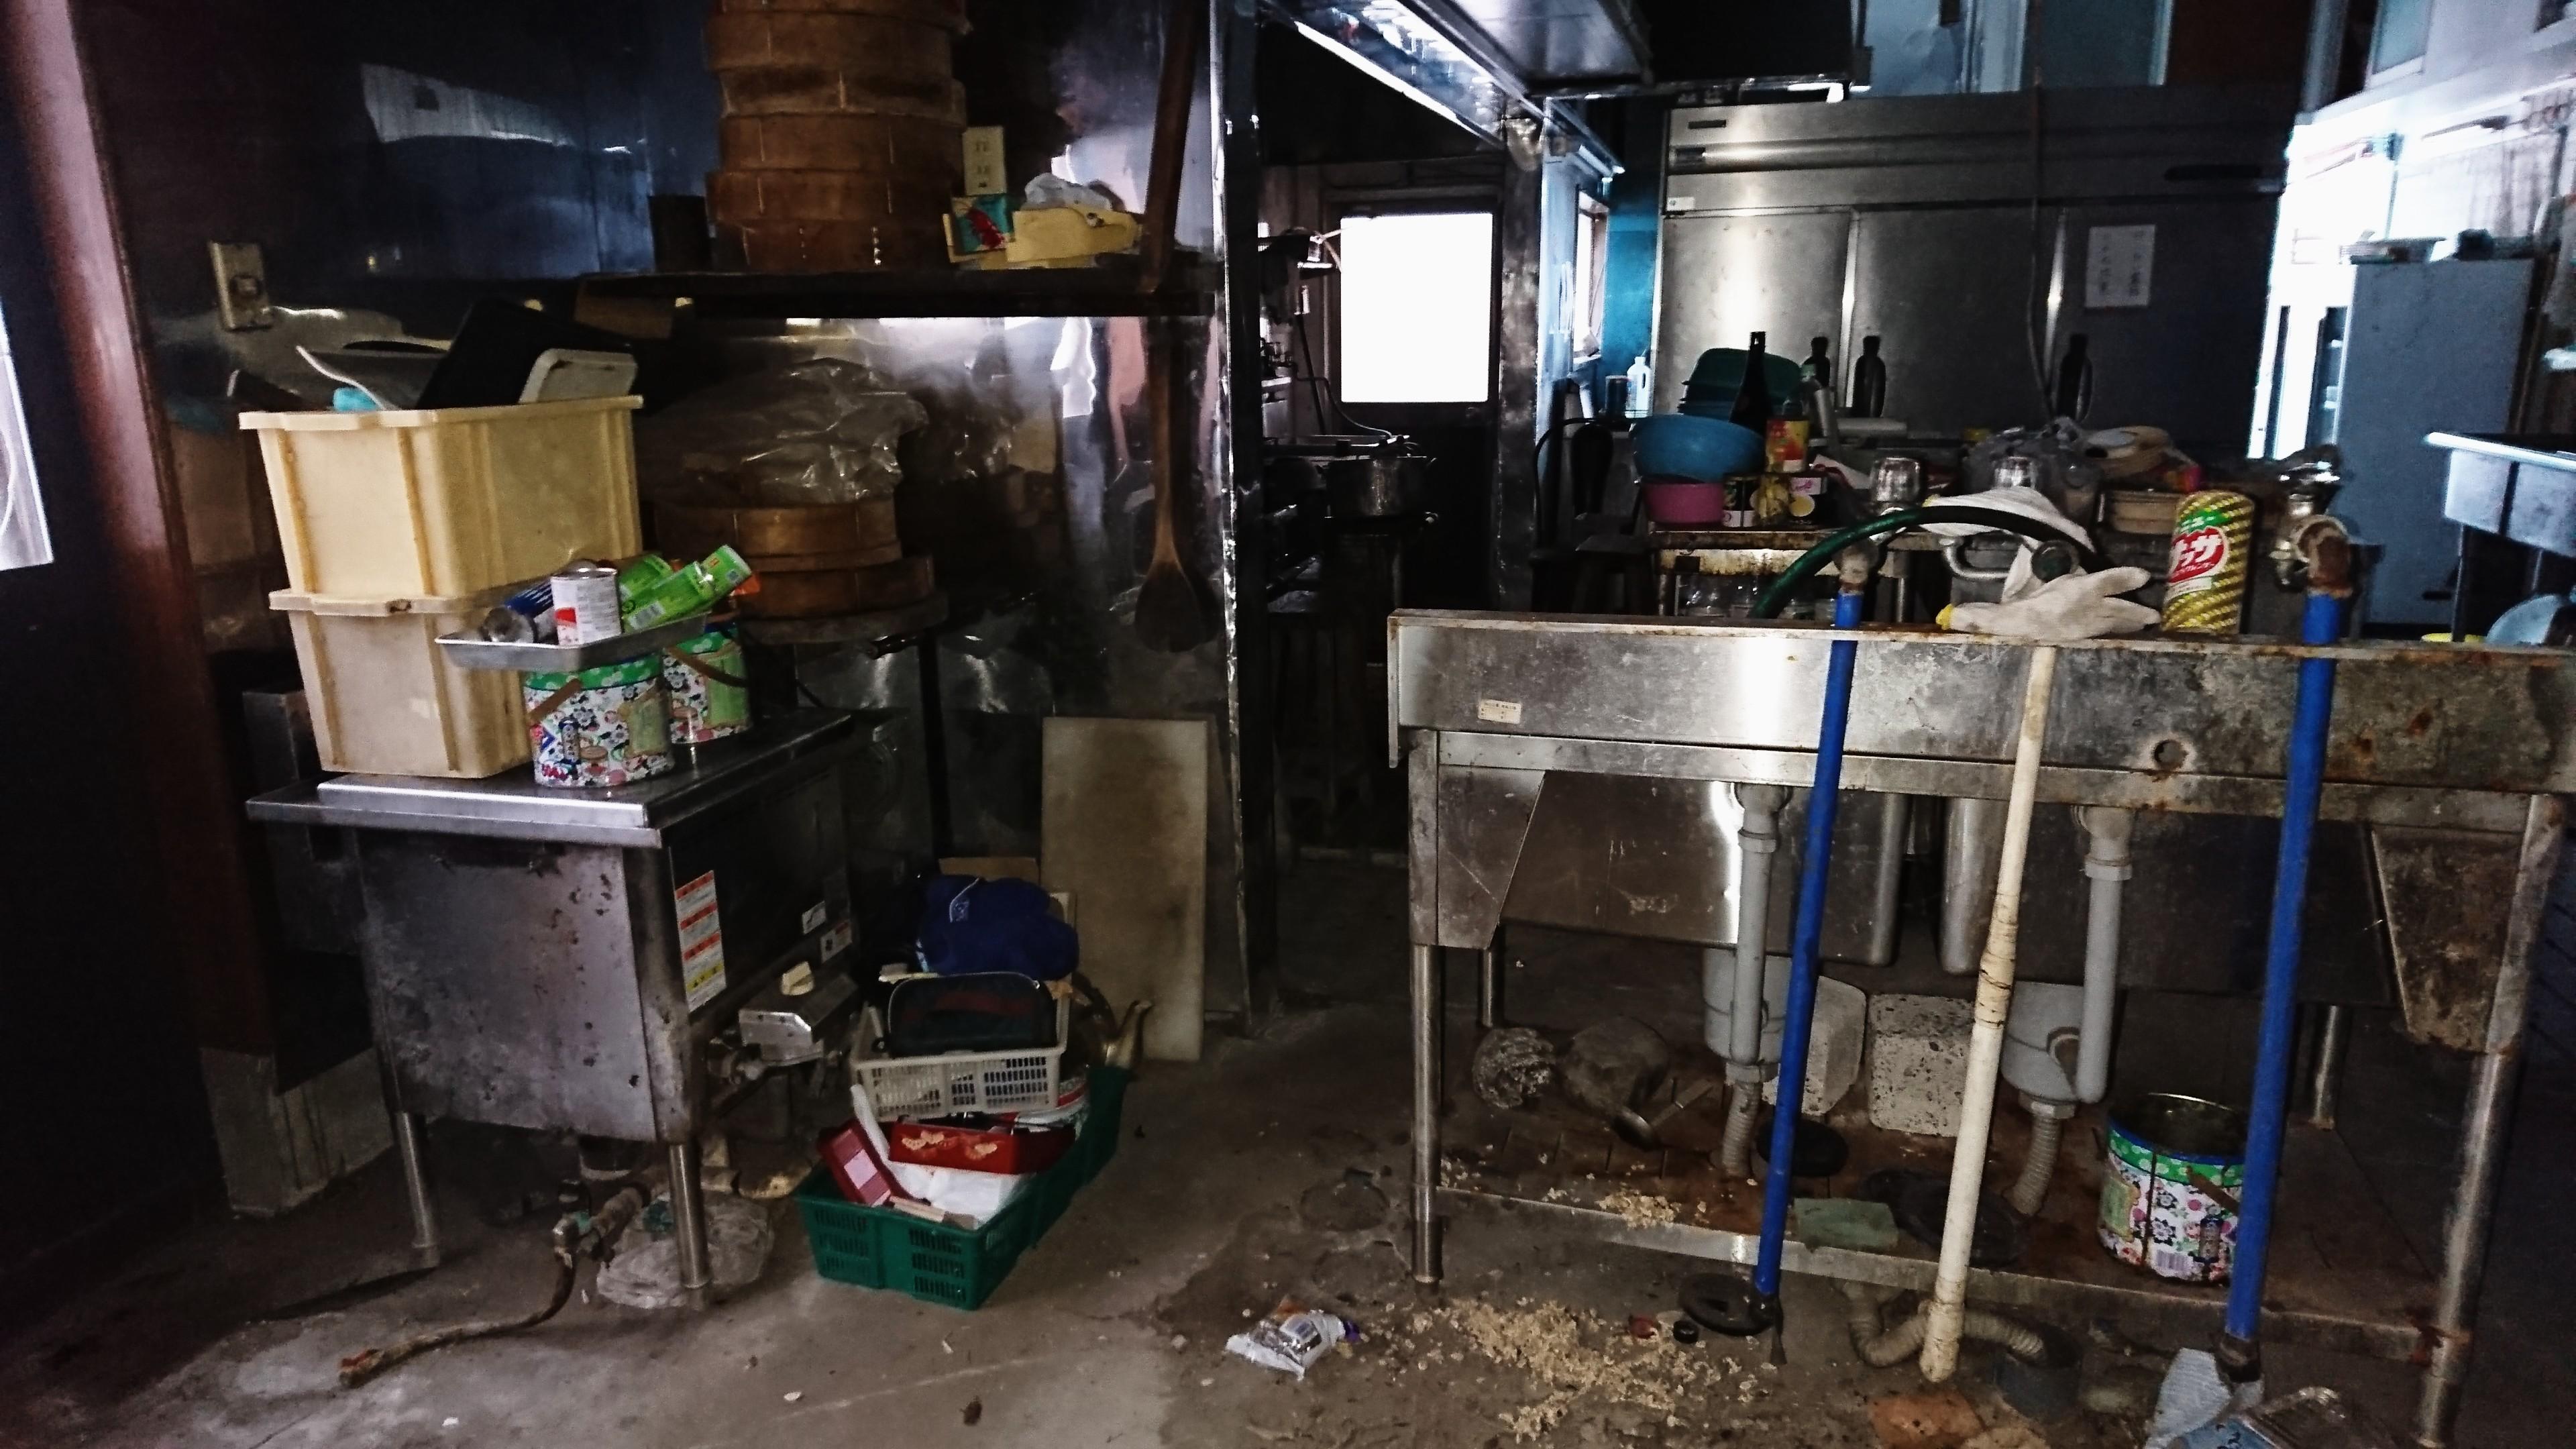 横浜市栄区 店舗型住居 不用品選別 大型業務用冷蔵庫撤去